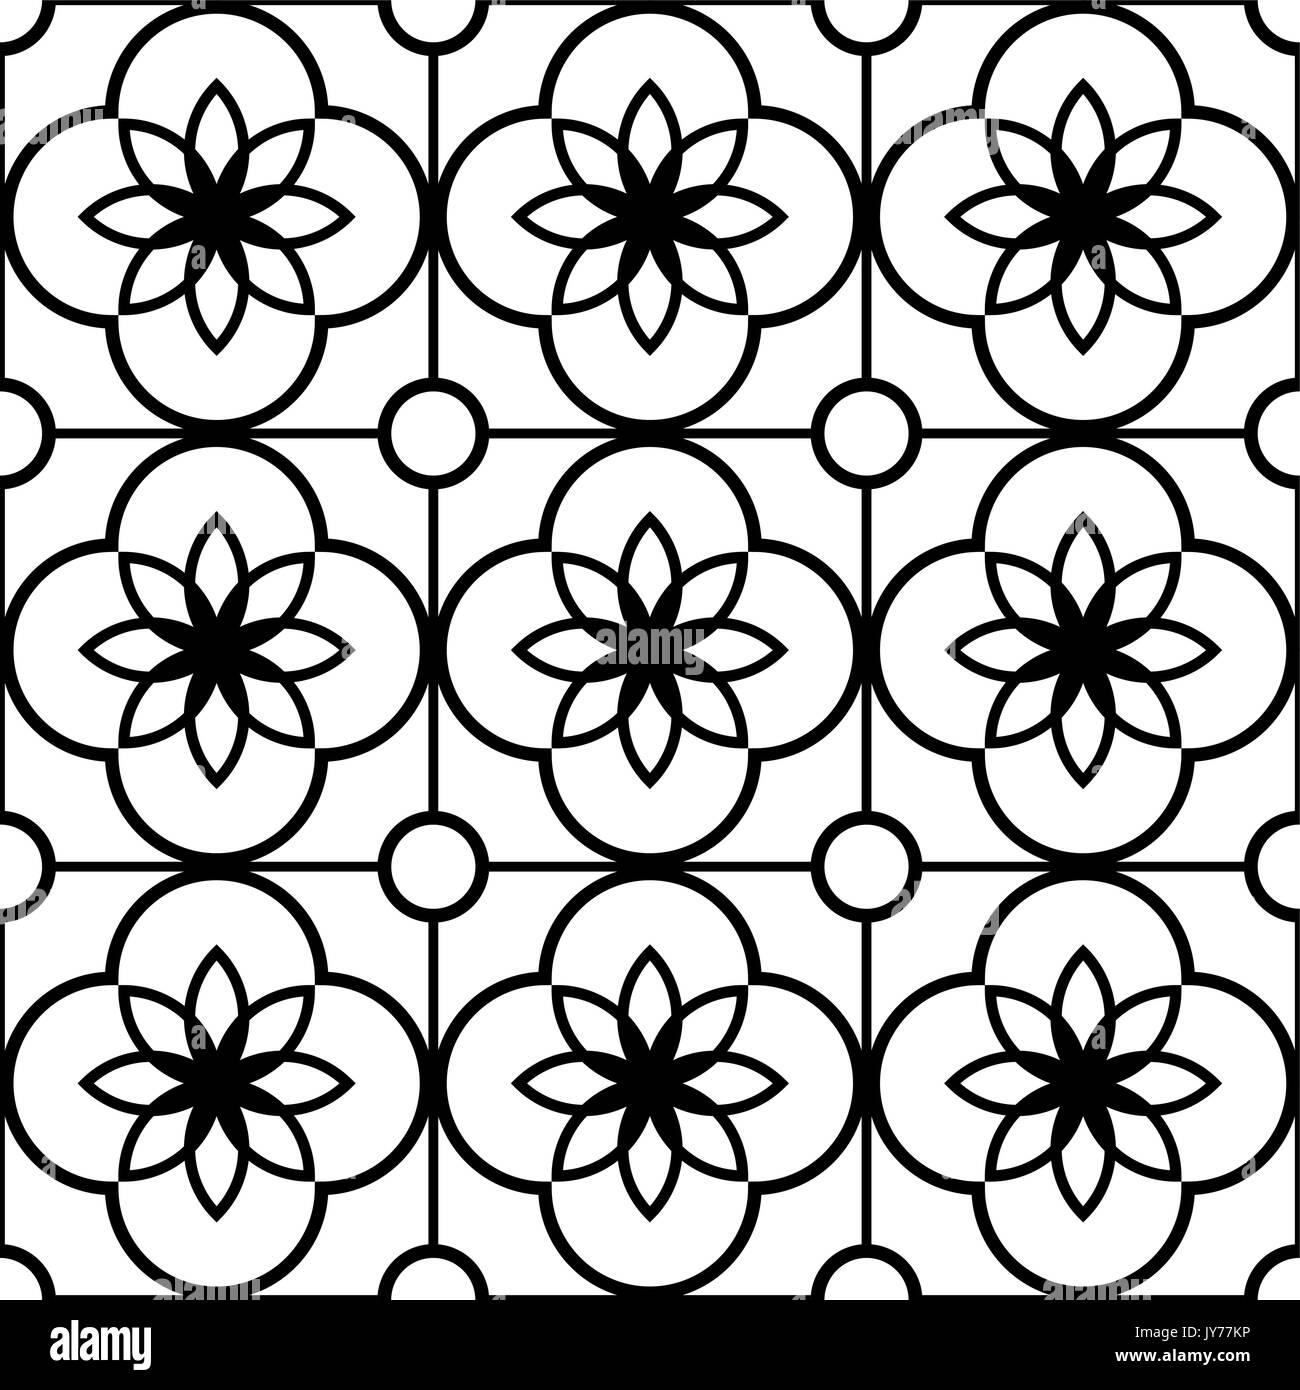 Portugal modern azulejo immagini portugal modern azulejo fotos stock alamy - Piastrelle bianche e nere ...